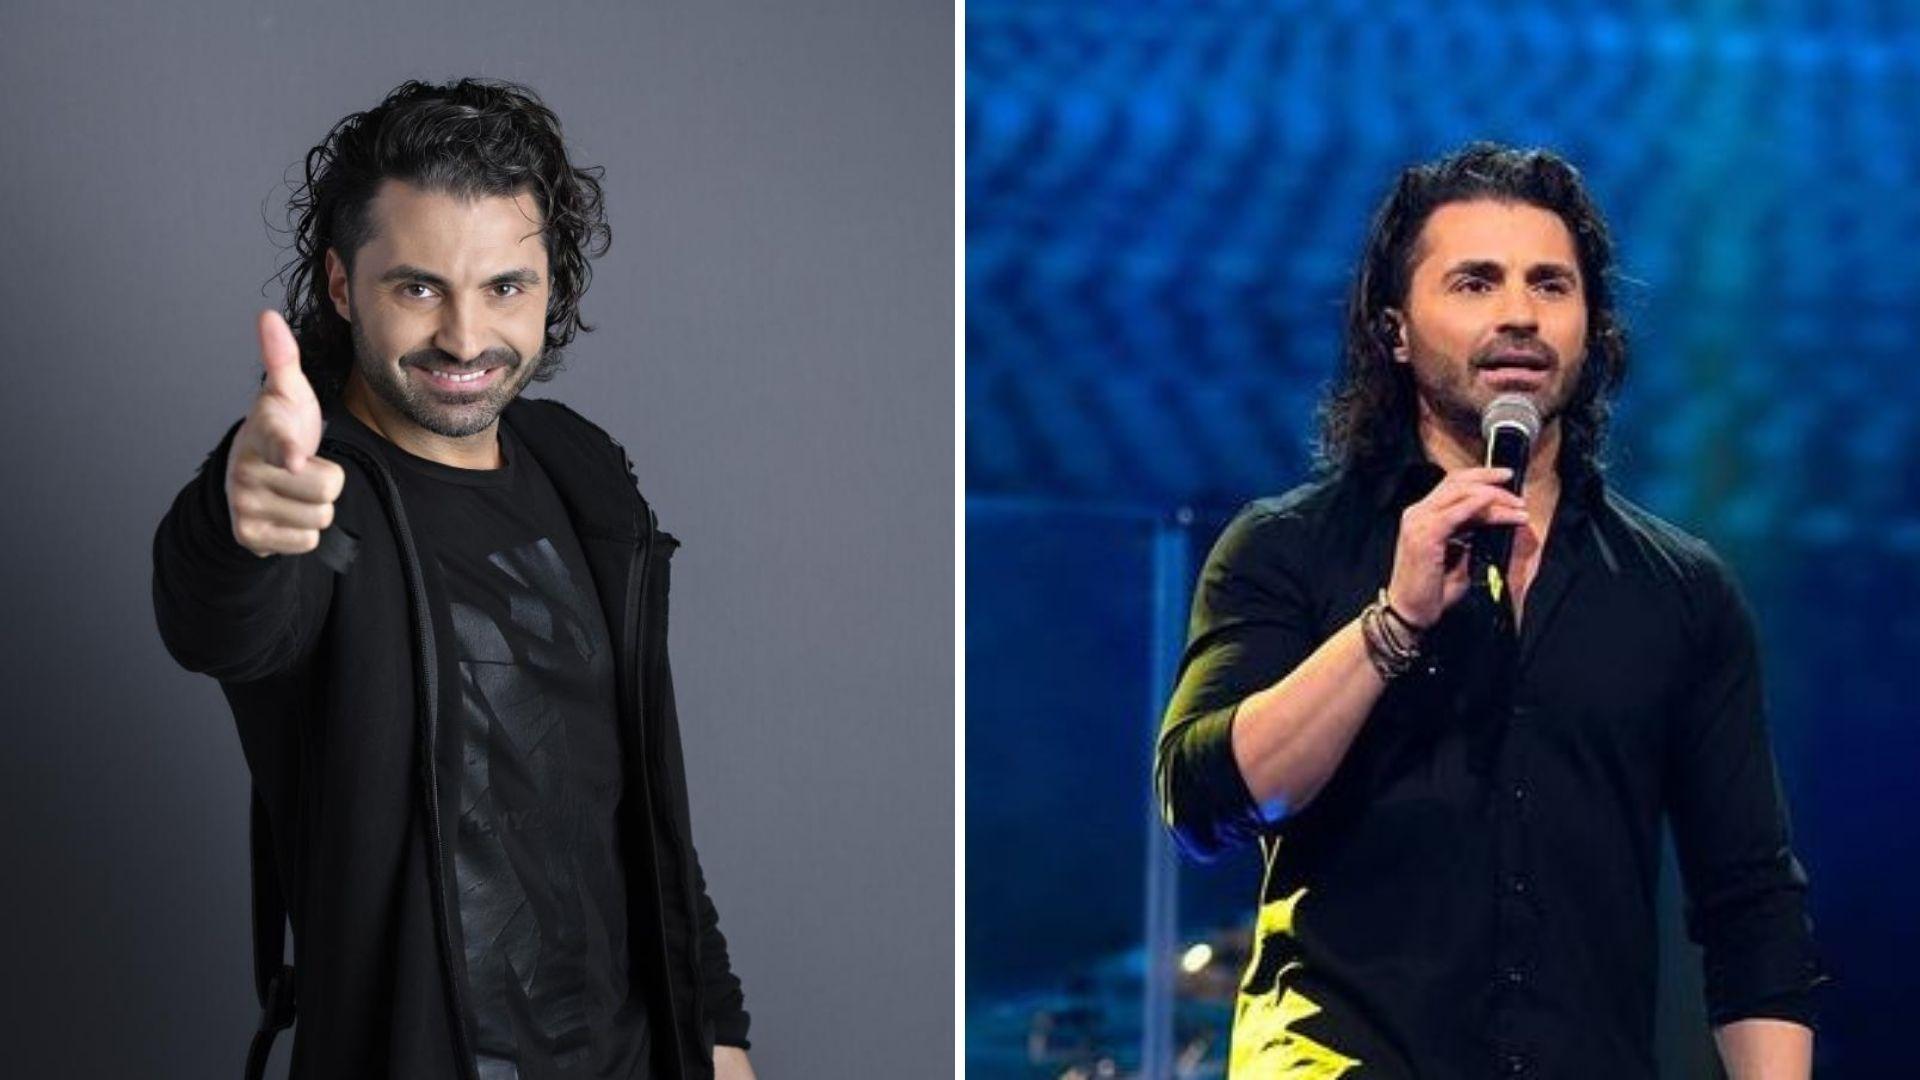 Pepe a lansat o piesă cu fiica lui, Rosa. Cum sună melodia și ce videoclip emoționant au realizat împreună